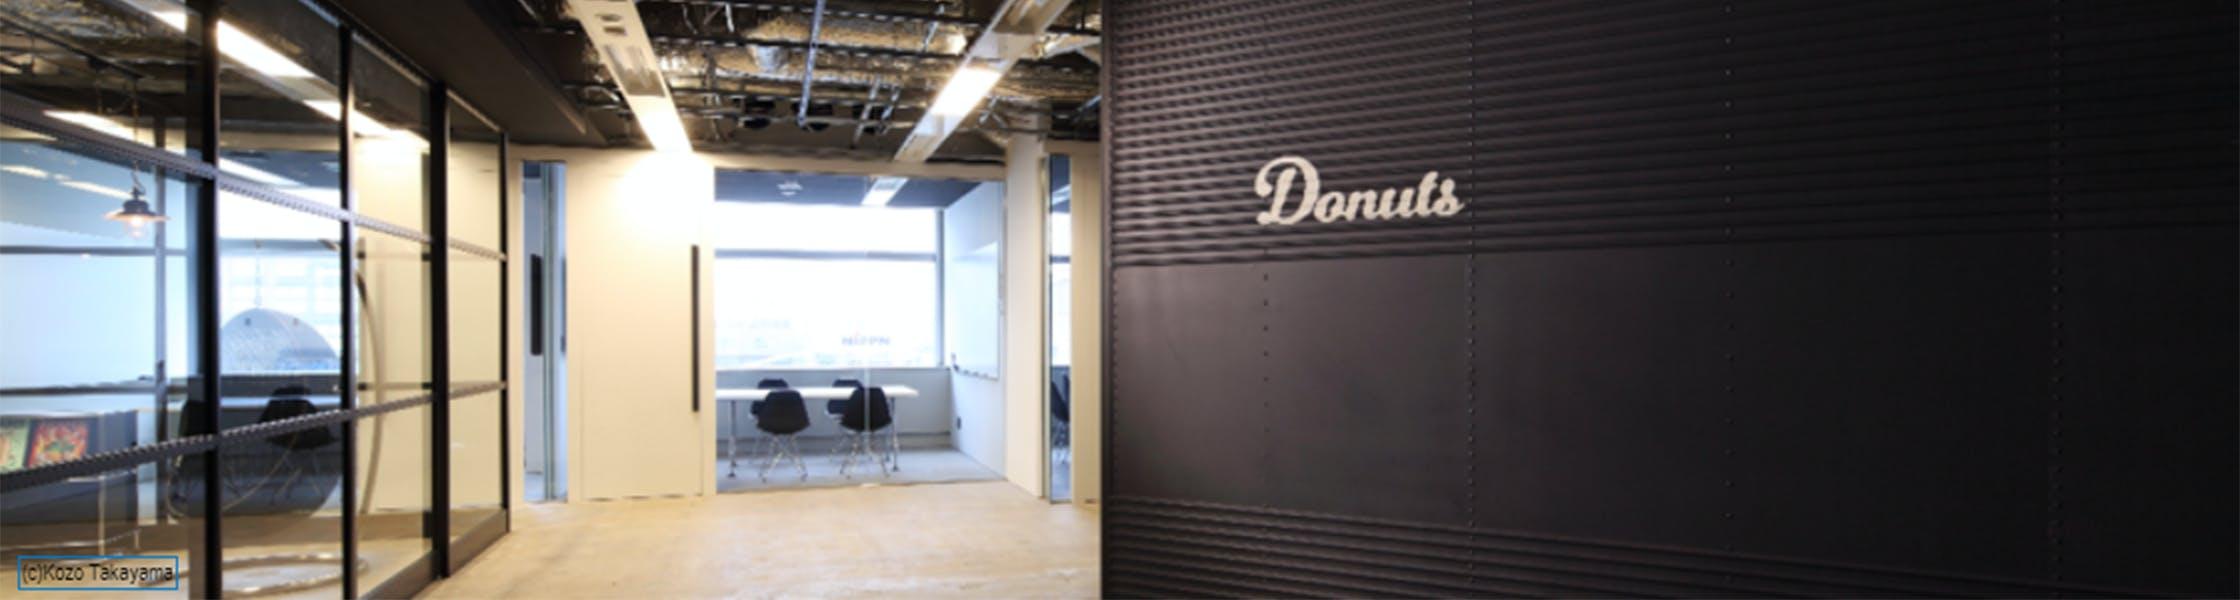 Donuts 1120x300 2x.jpg?ixlib=rails 3.0